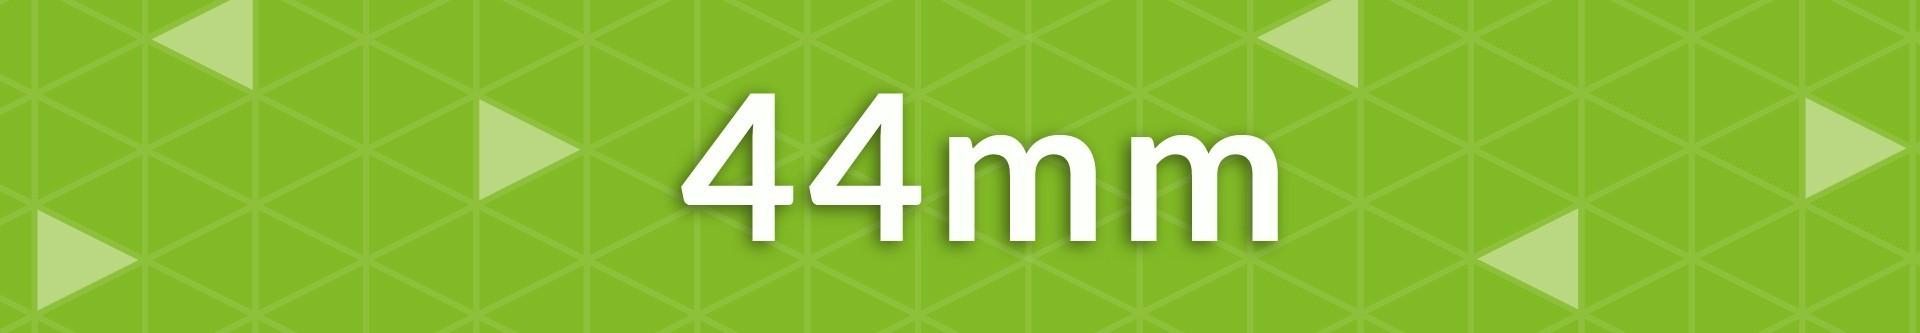 Grosor 44 mm